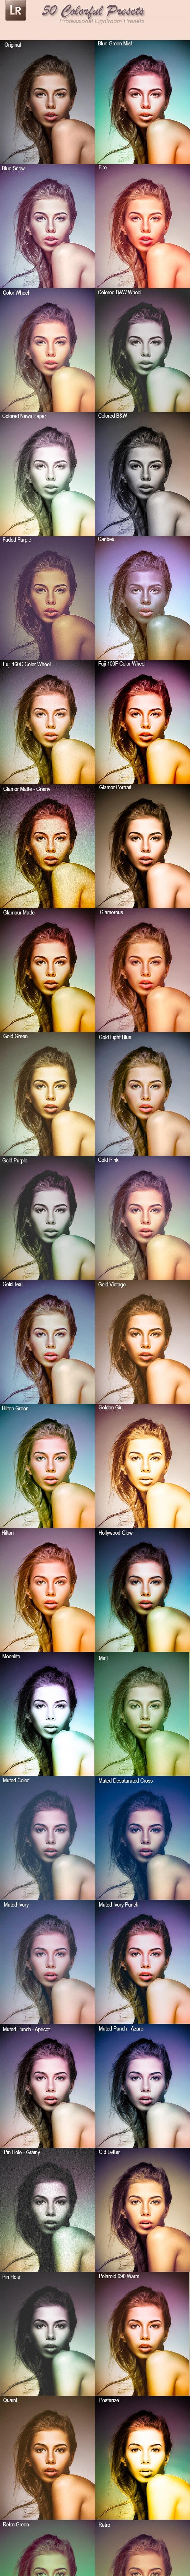 50 Colorful Presets - Portrait Lightroom Presets